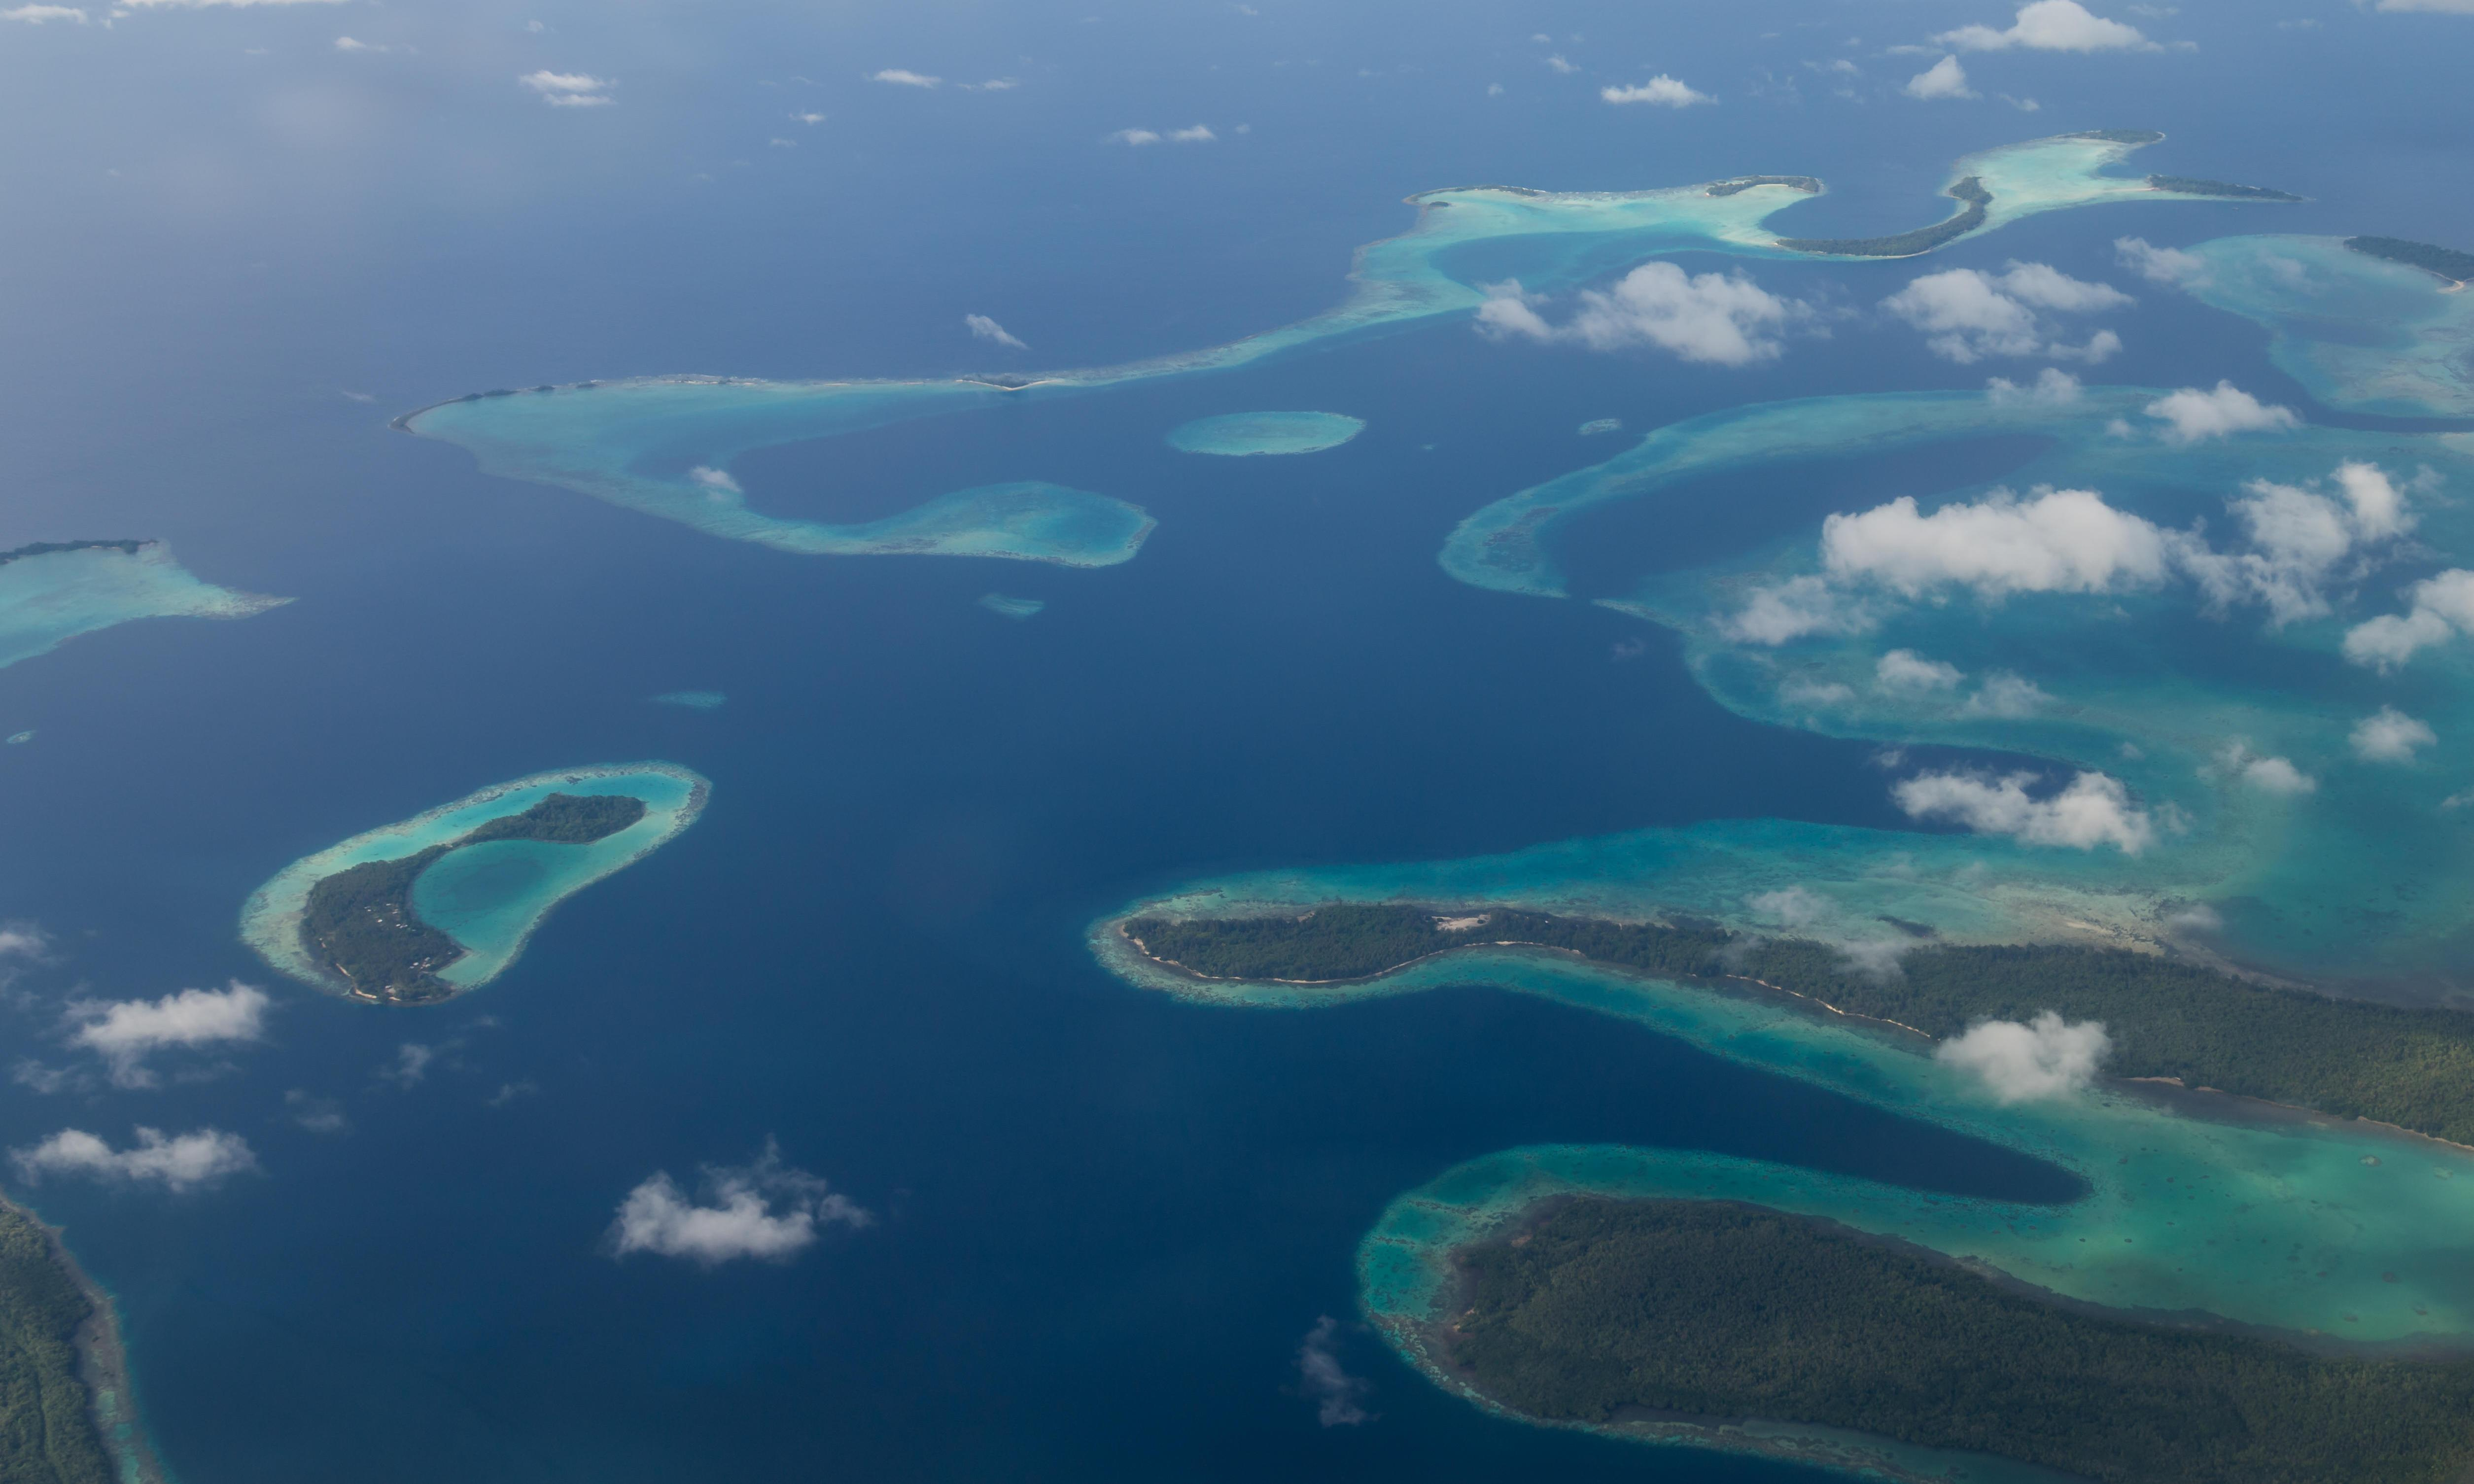 Bulk carrier runs aground on Solomon Islands reef spilling oil